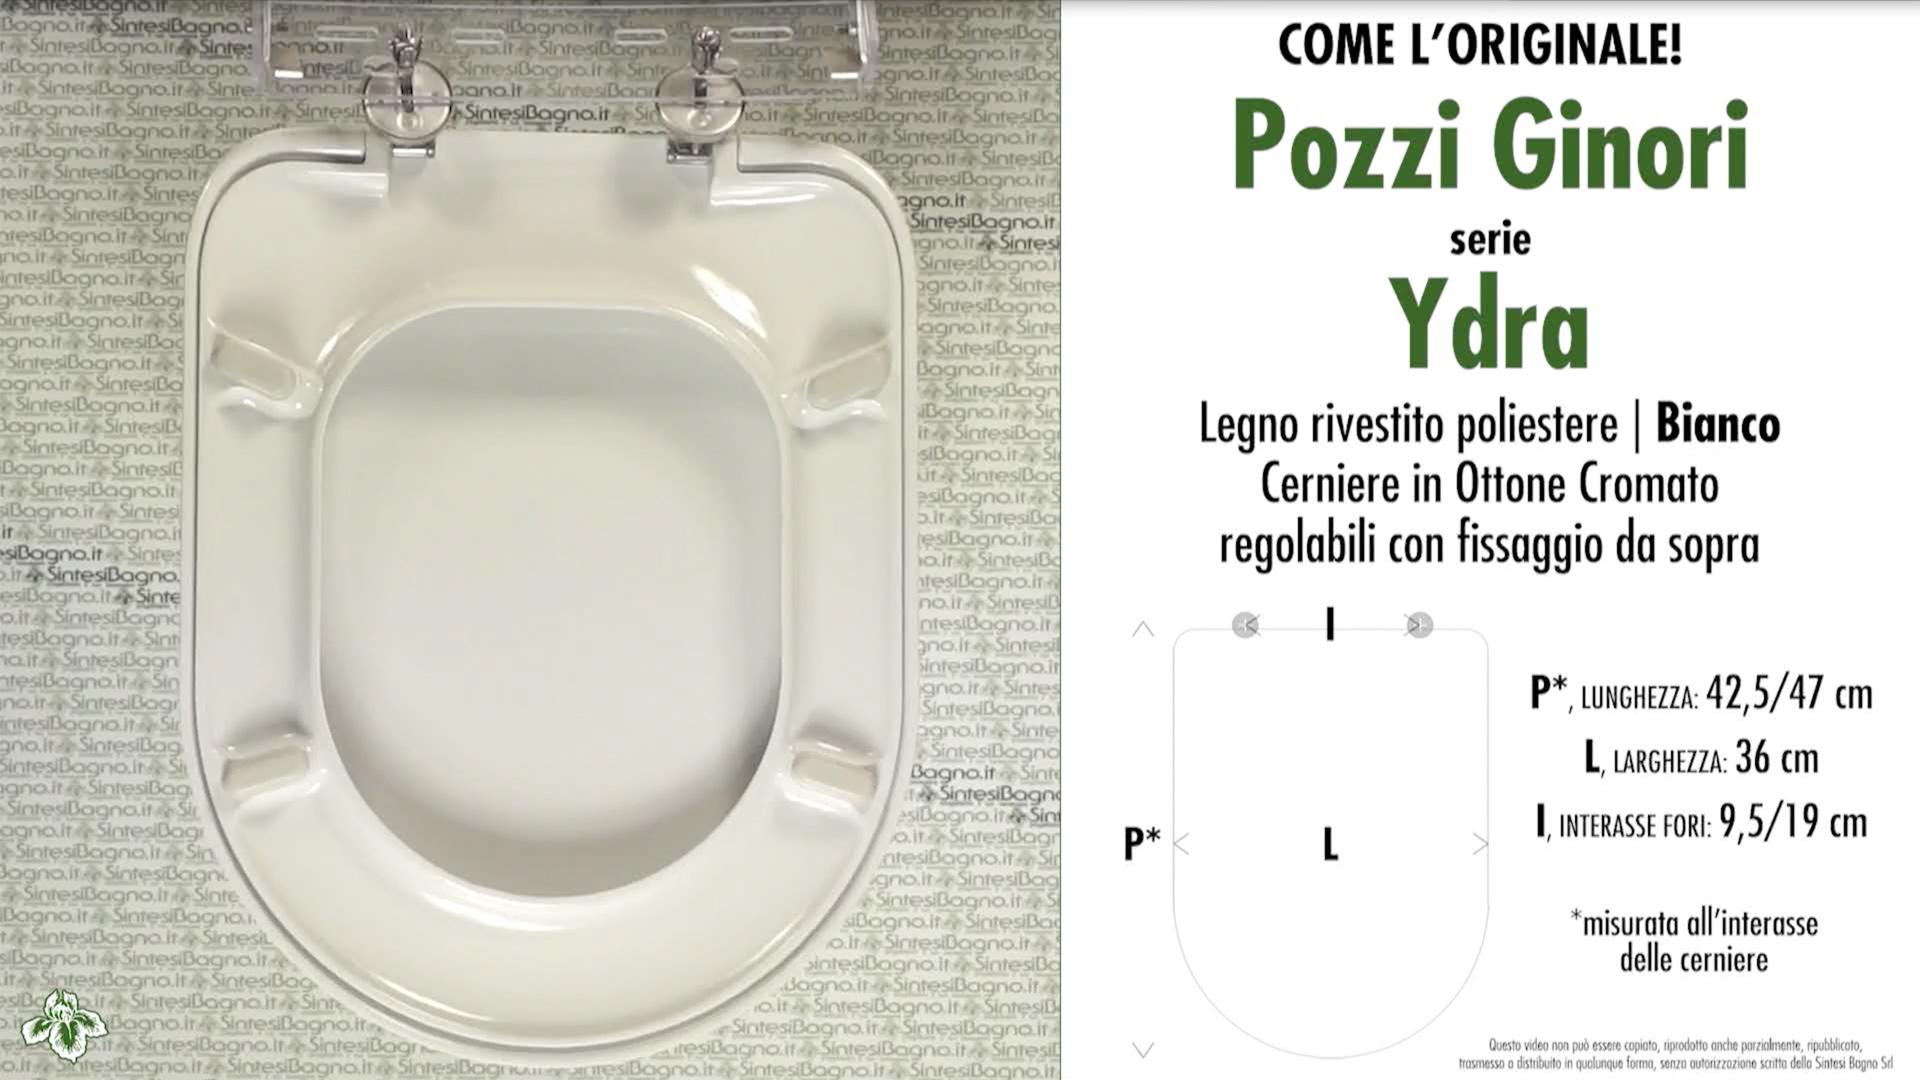 Sedile Wc Pozzi Ginori Ydra.Copriwater Per Wc Ydra Pozzi Ginori Ricambio Come L Originale